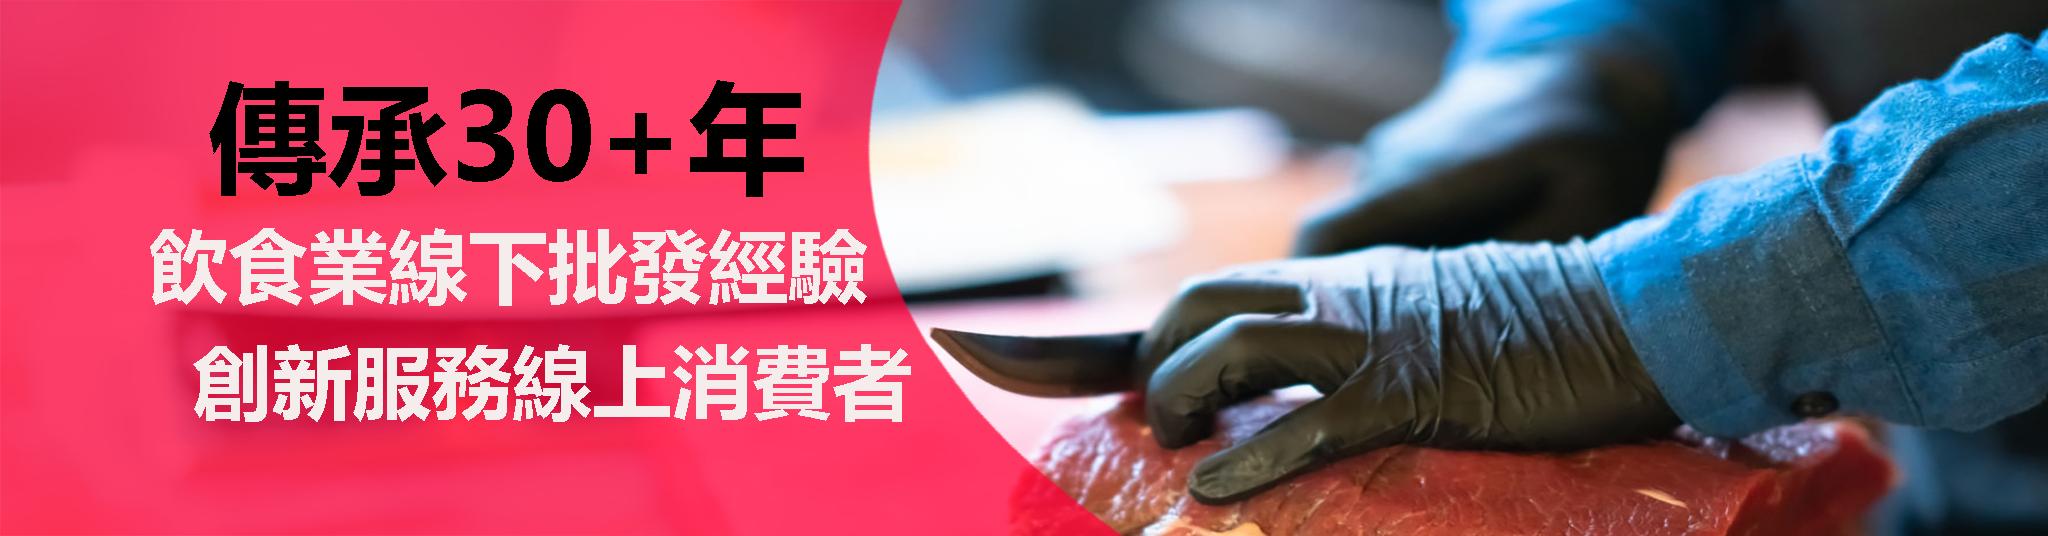 新店上线,優質凍肉產品,應有盡有